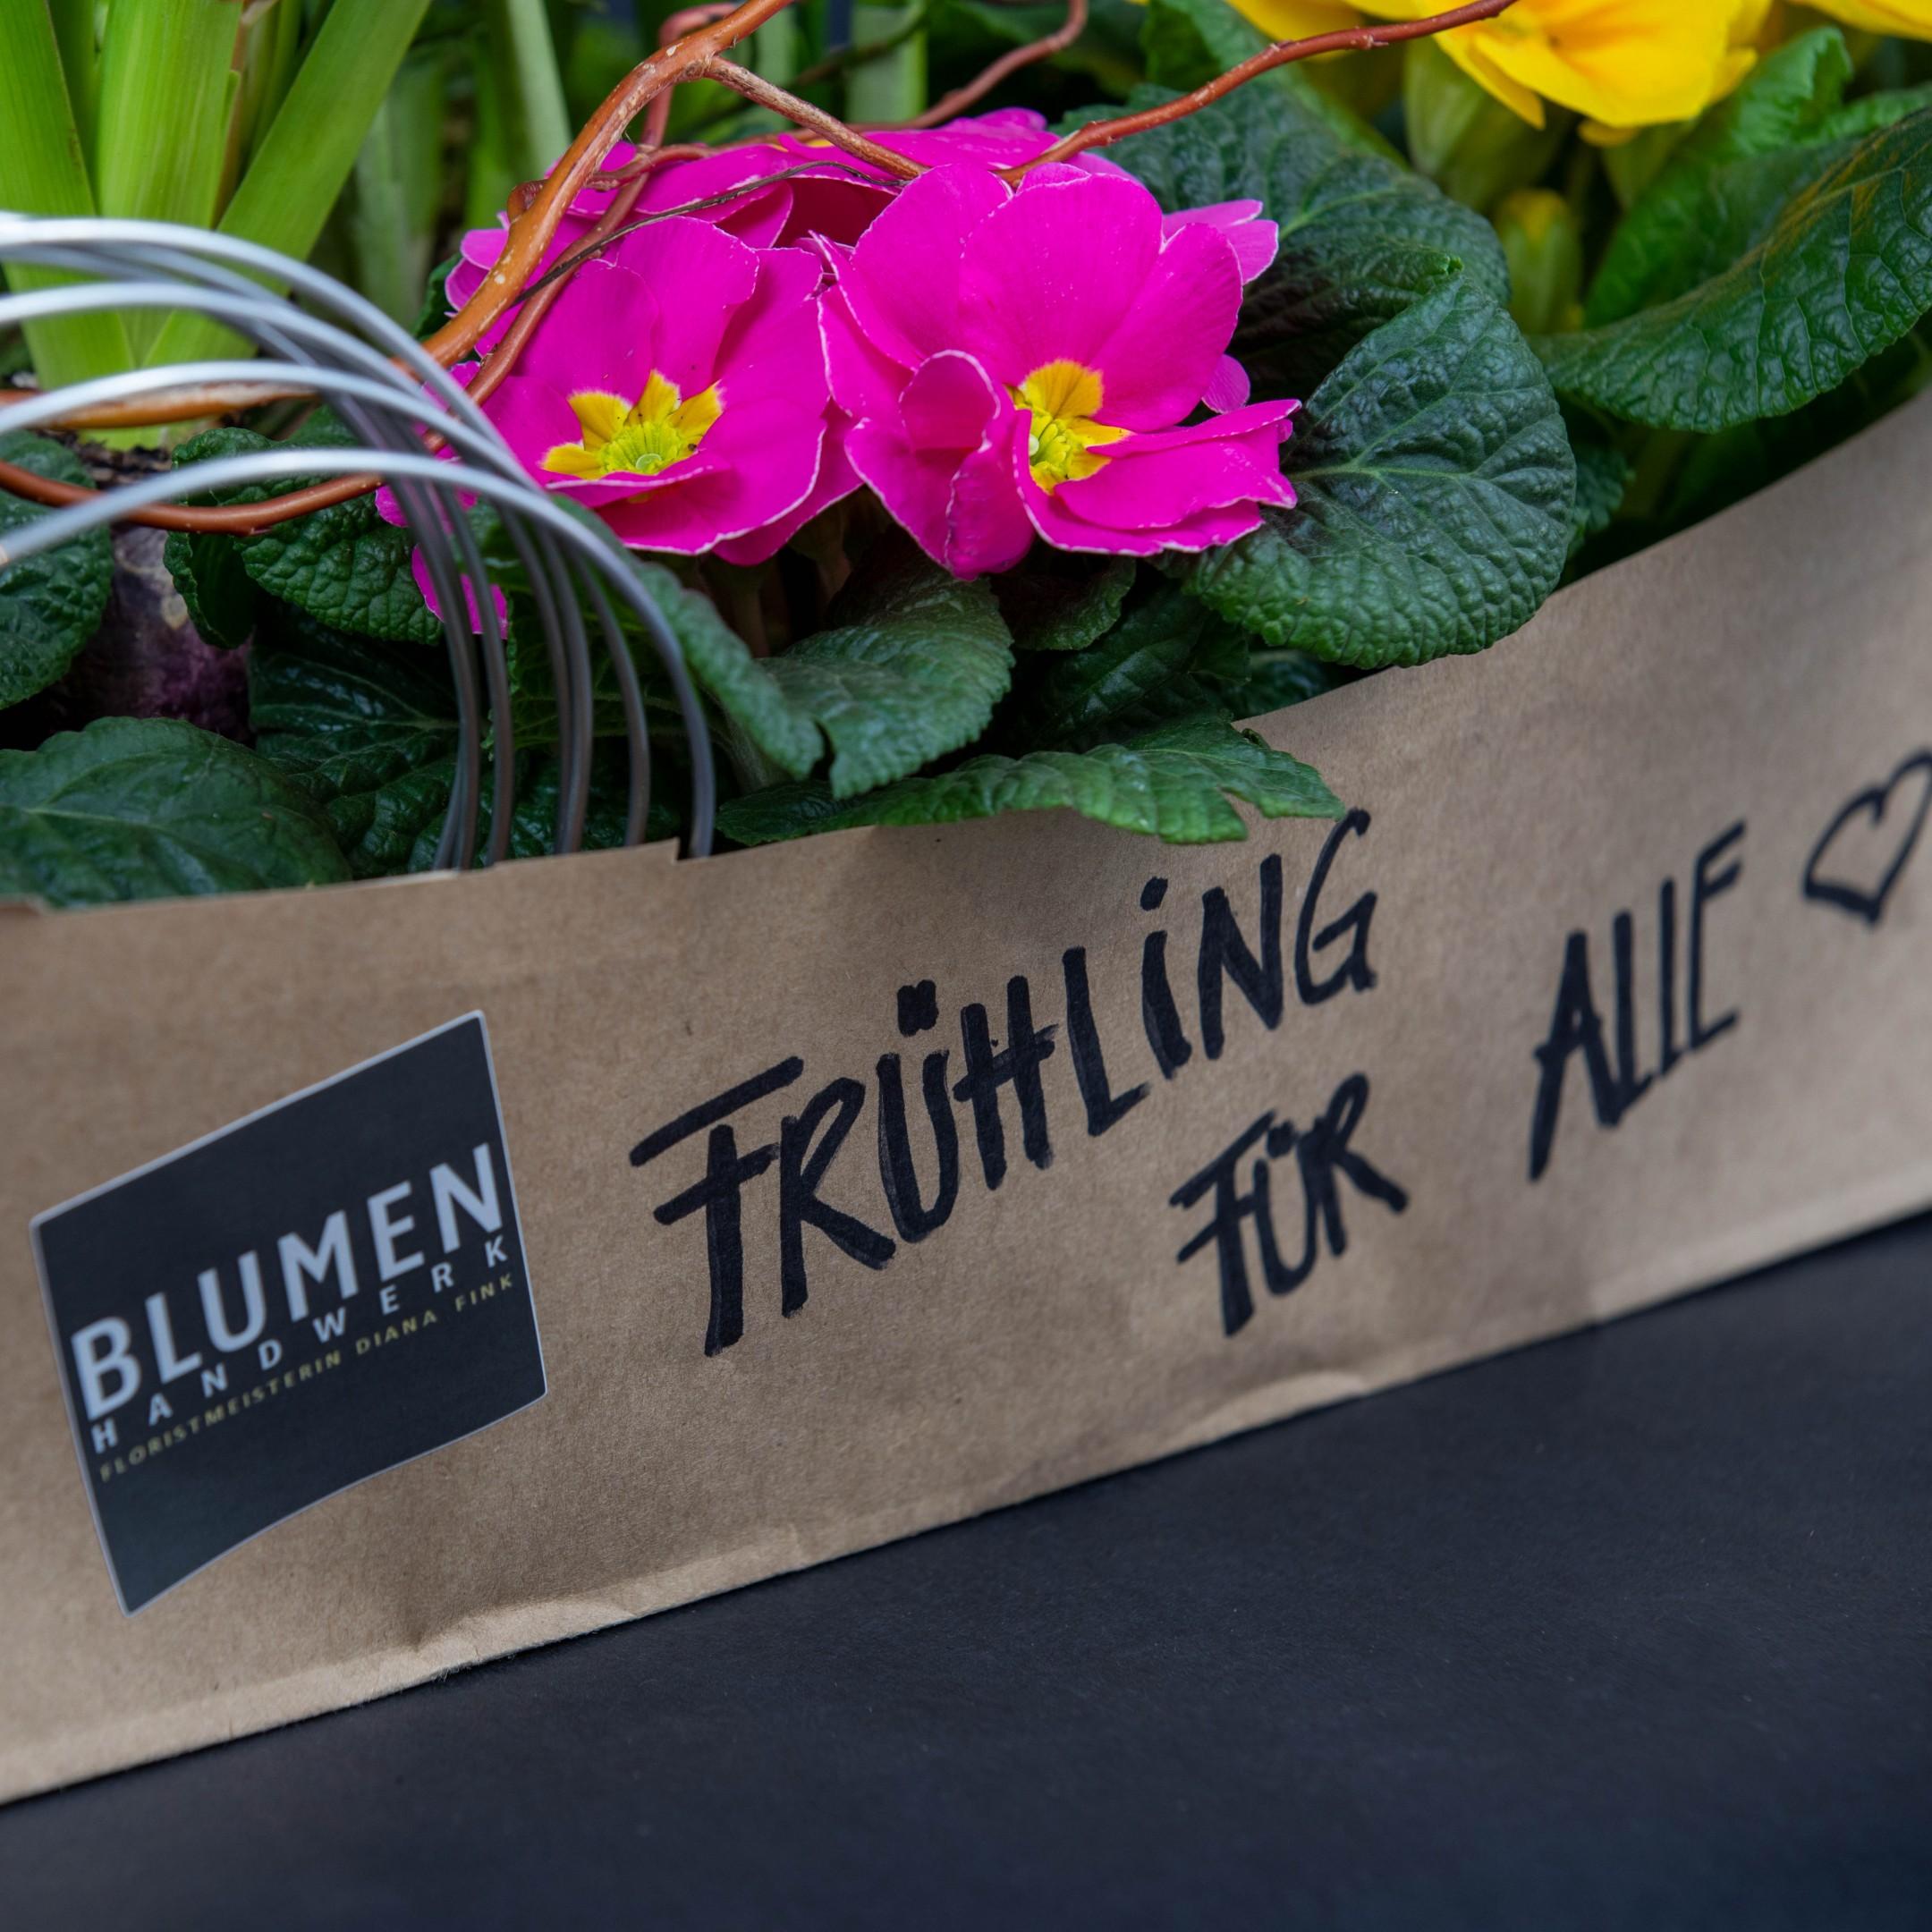 Der Blumenhandwerk Frühling für alle Bild 3